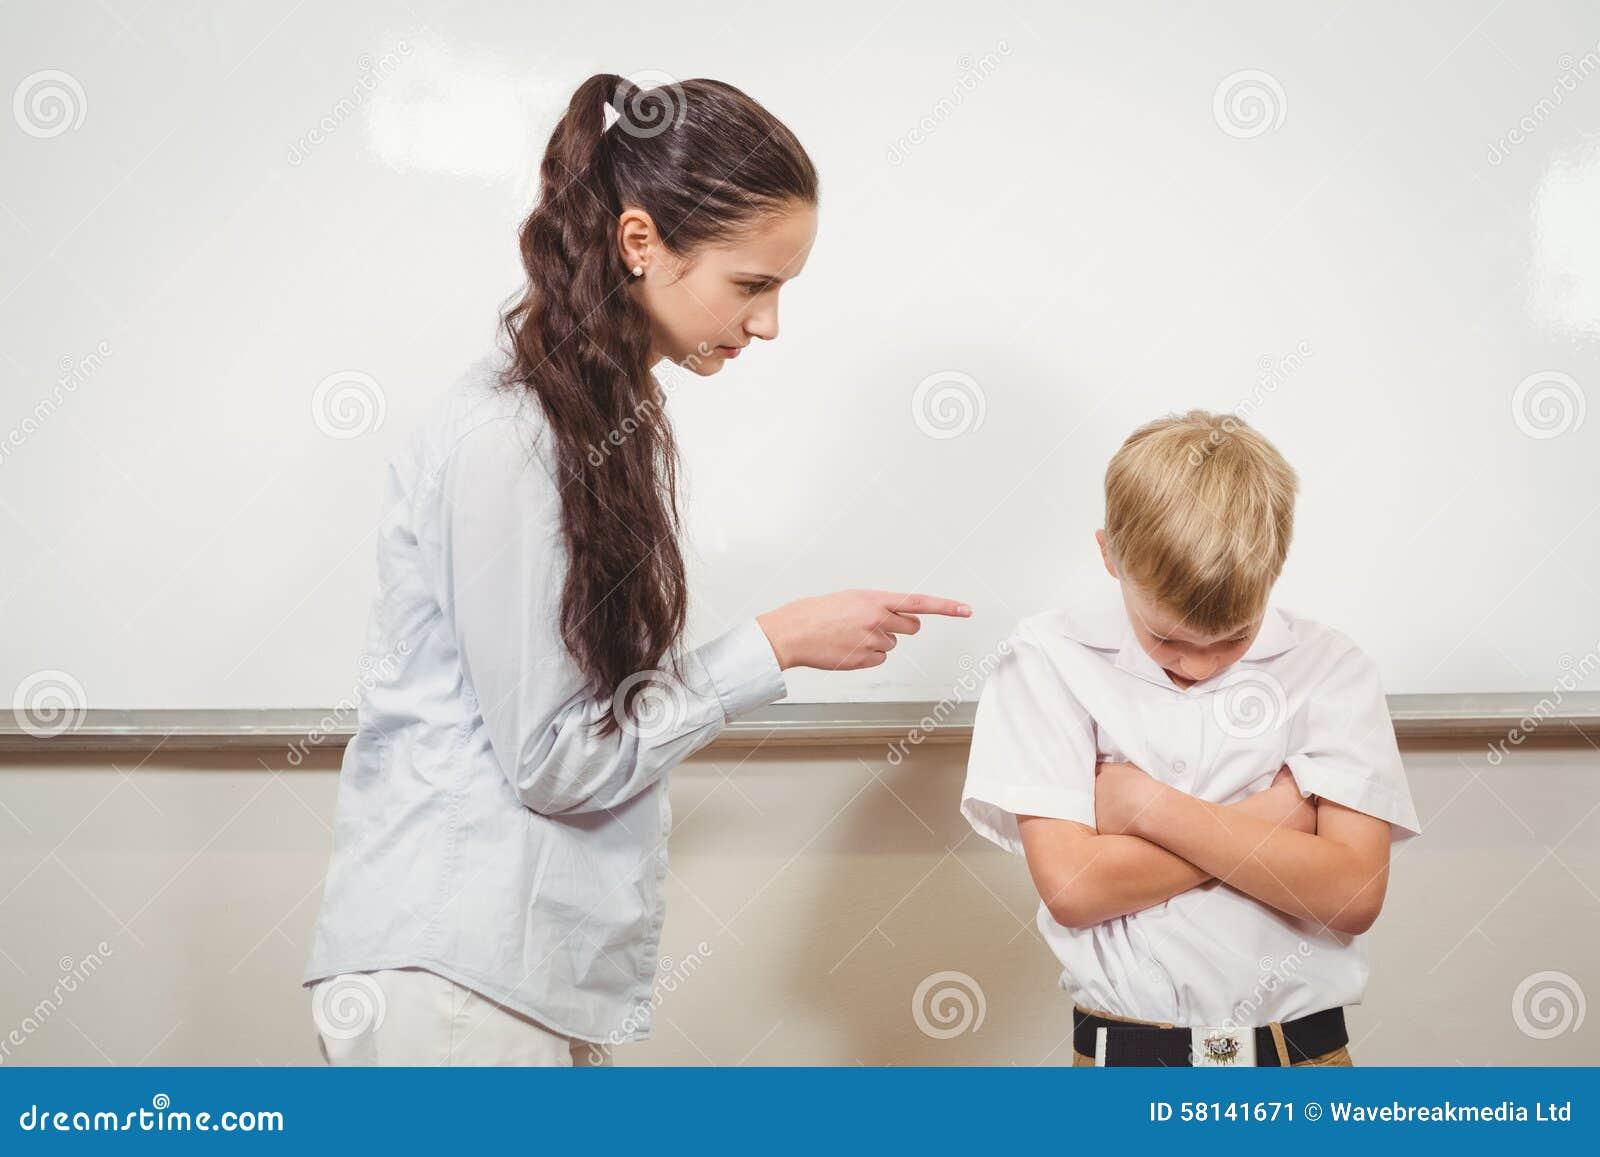 Teacher Big Ass Fucks Student